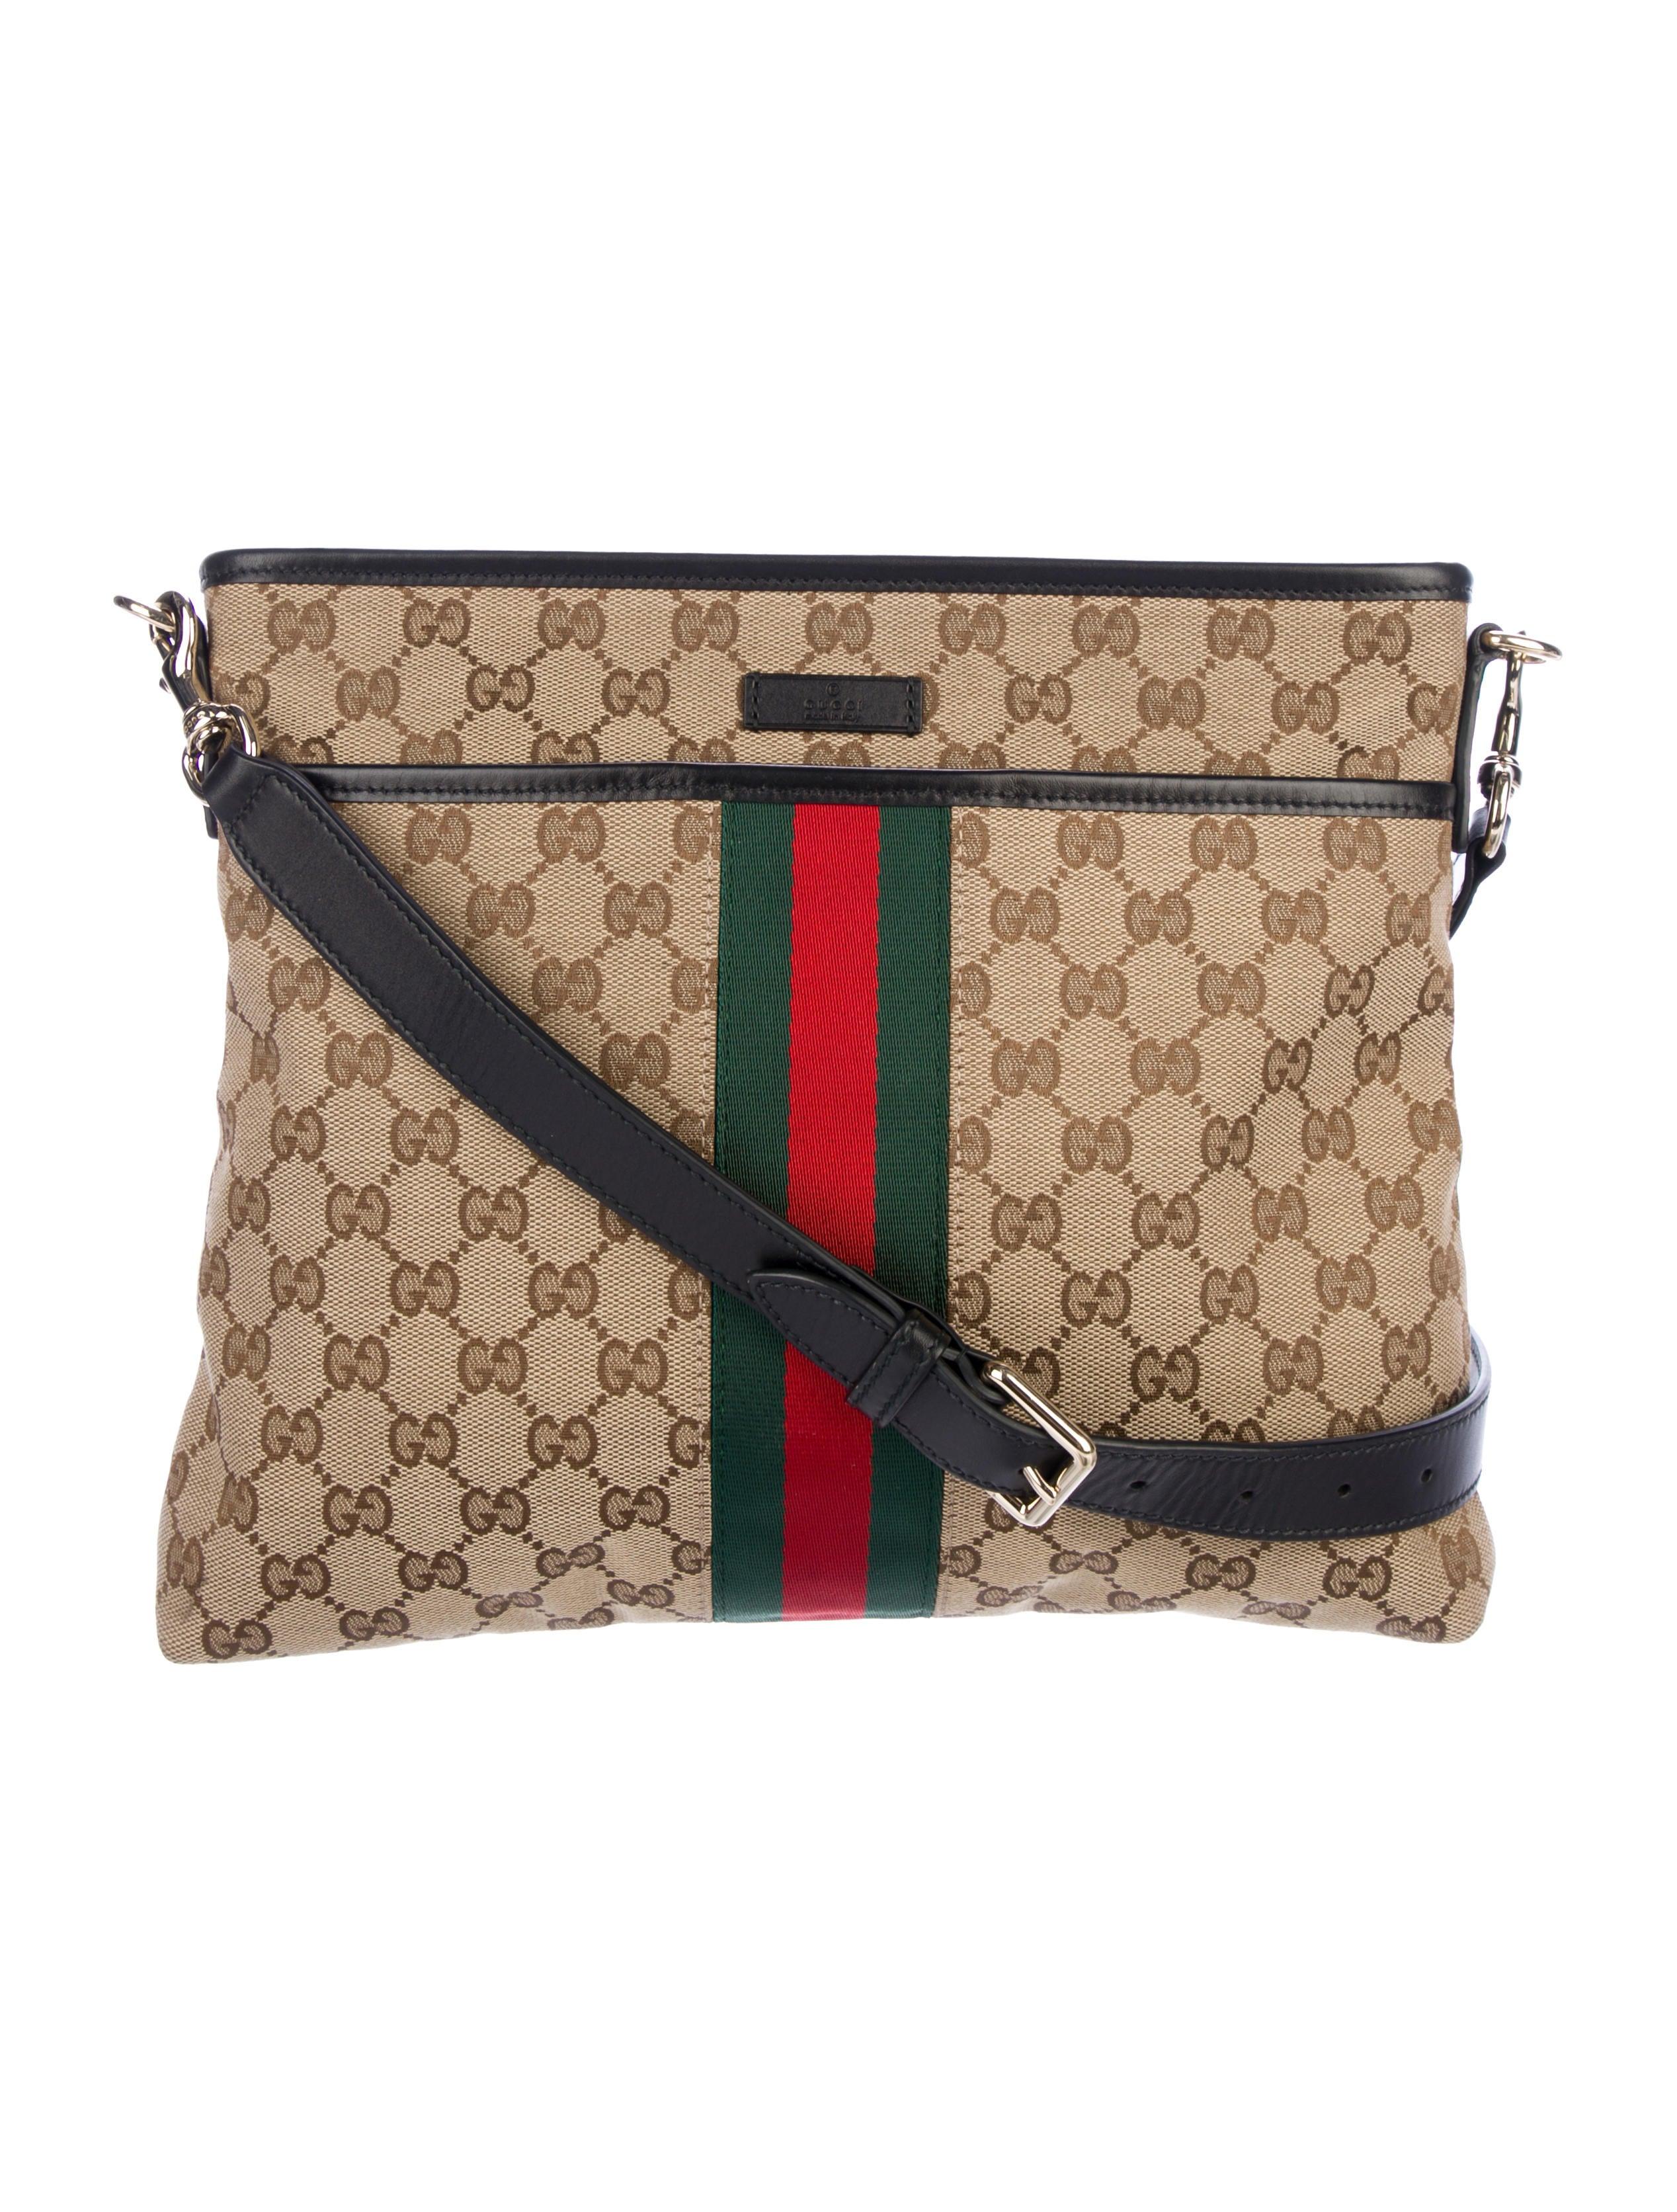 9919d43d383 Gucci Web GG Supreme Messenger Bag - Handbags - GUC232583